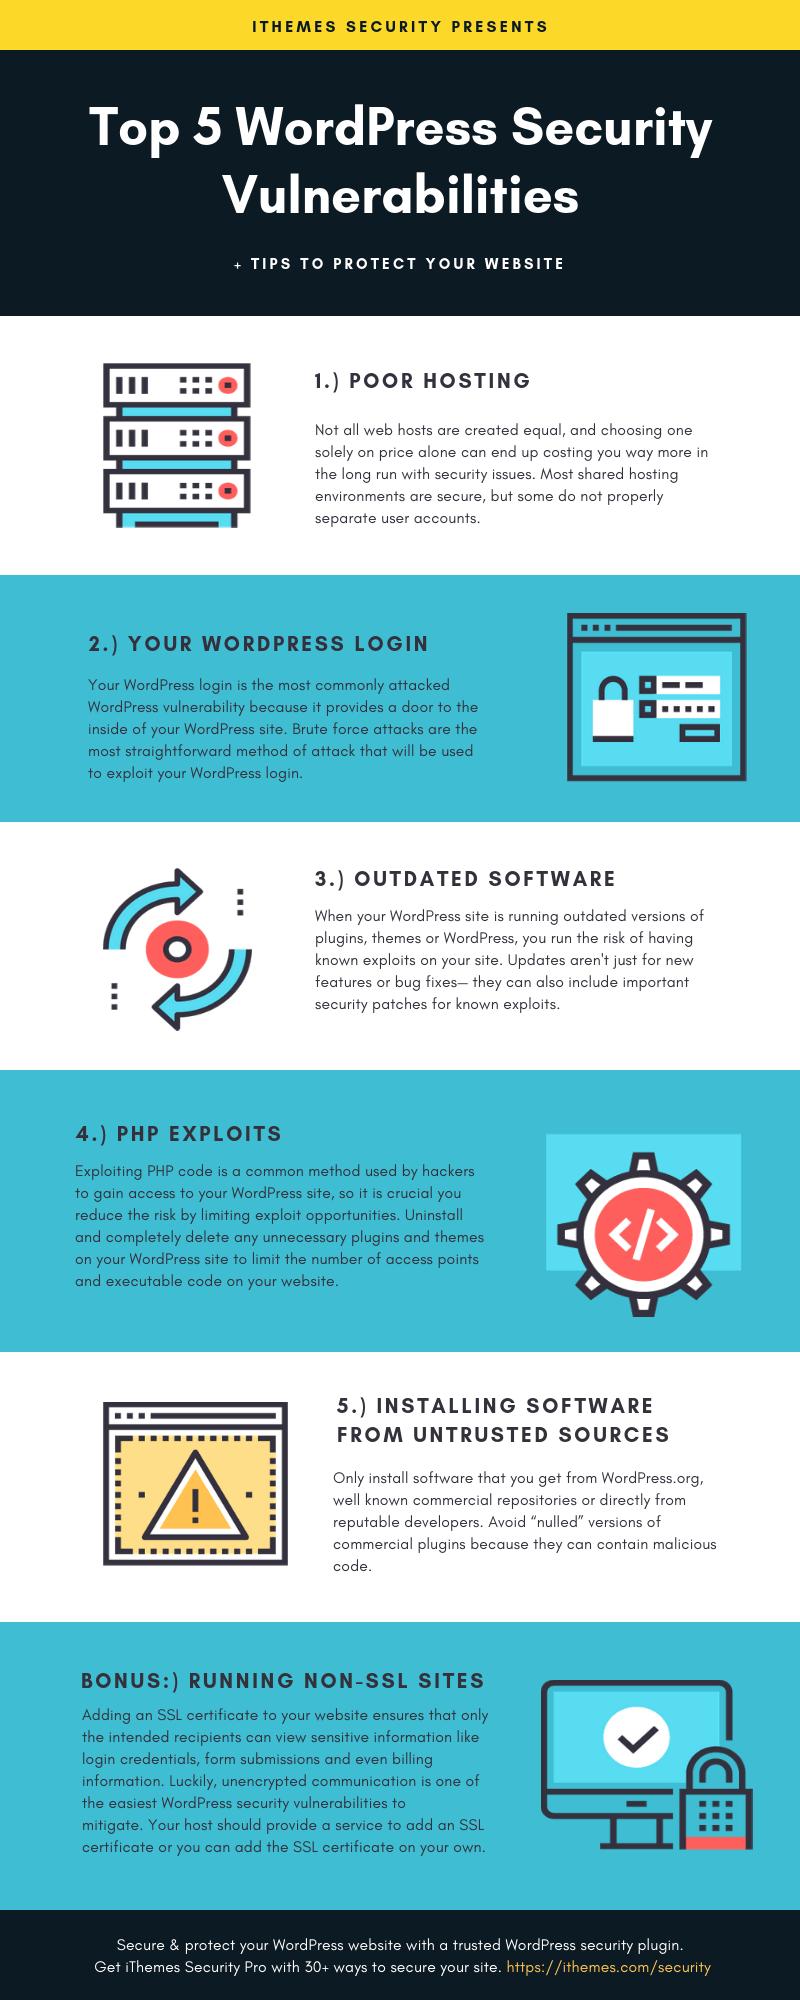 The Top 5 WordPress Security Vulnerabilities